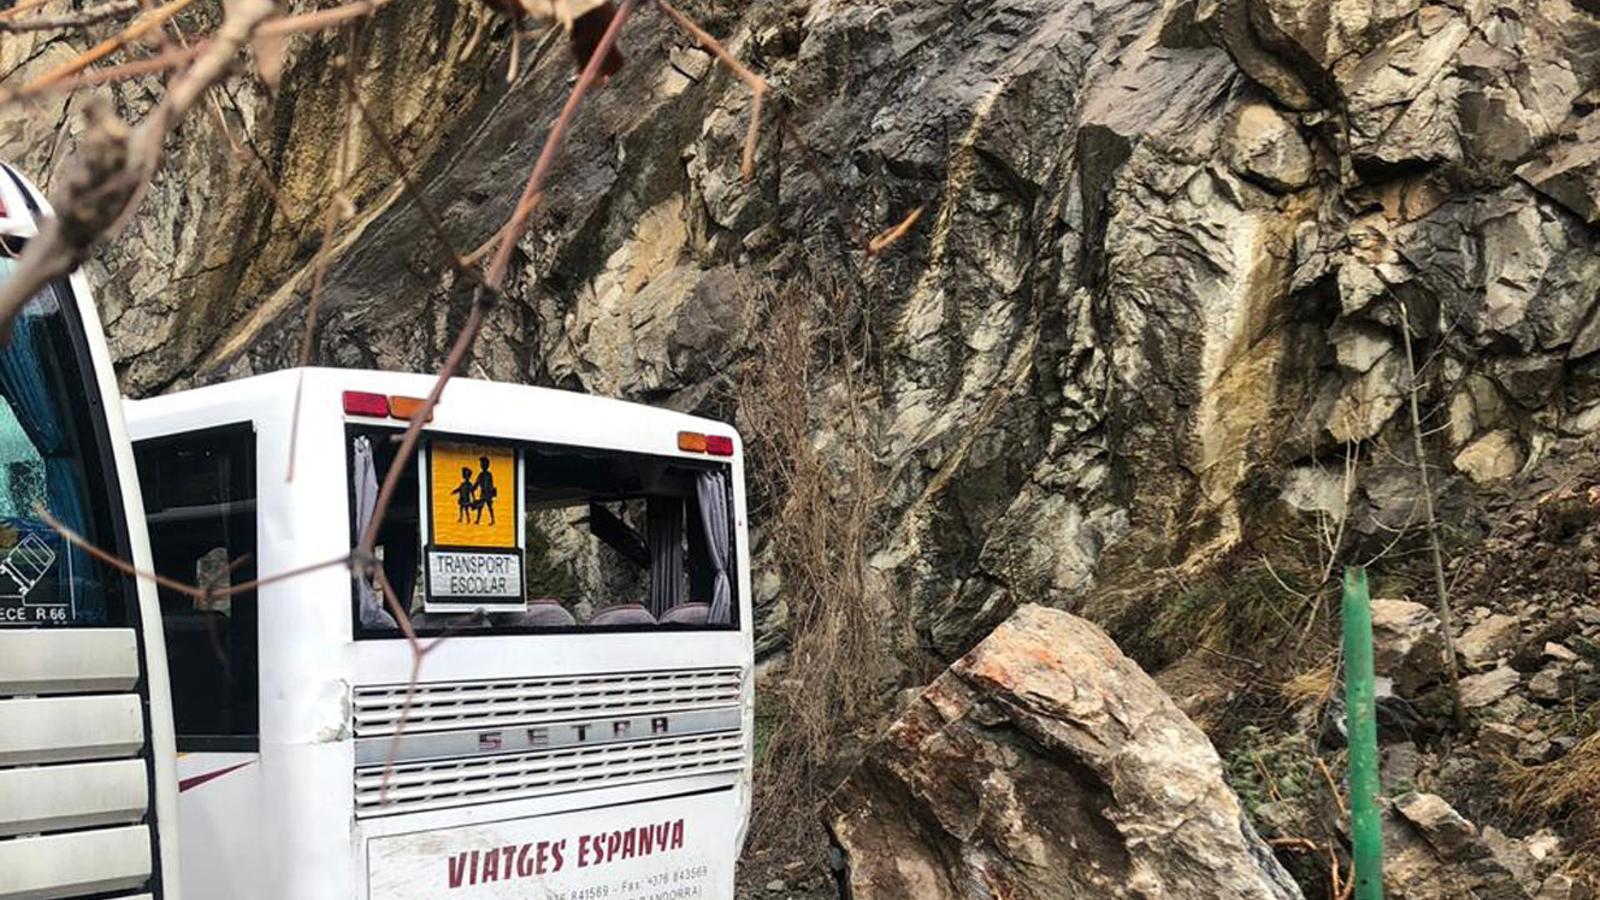 Desperfectos en los autobuses de la empresa Viajes España debido al desprendimiento de un bloque rocoso. / AHORA ANDORRA